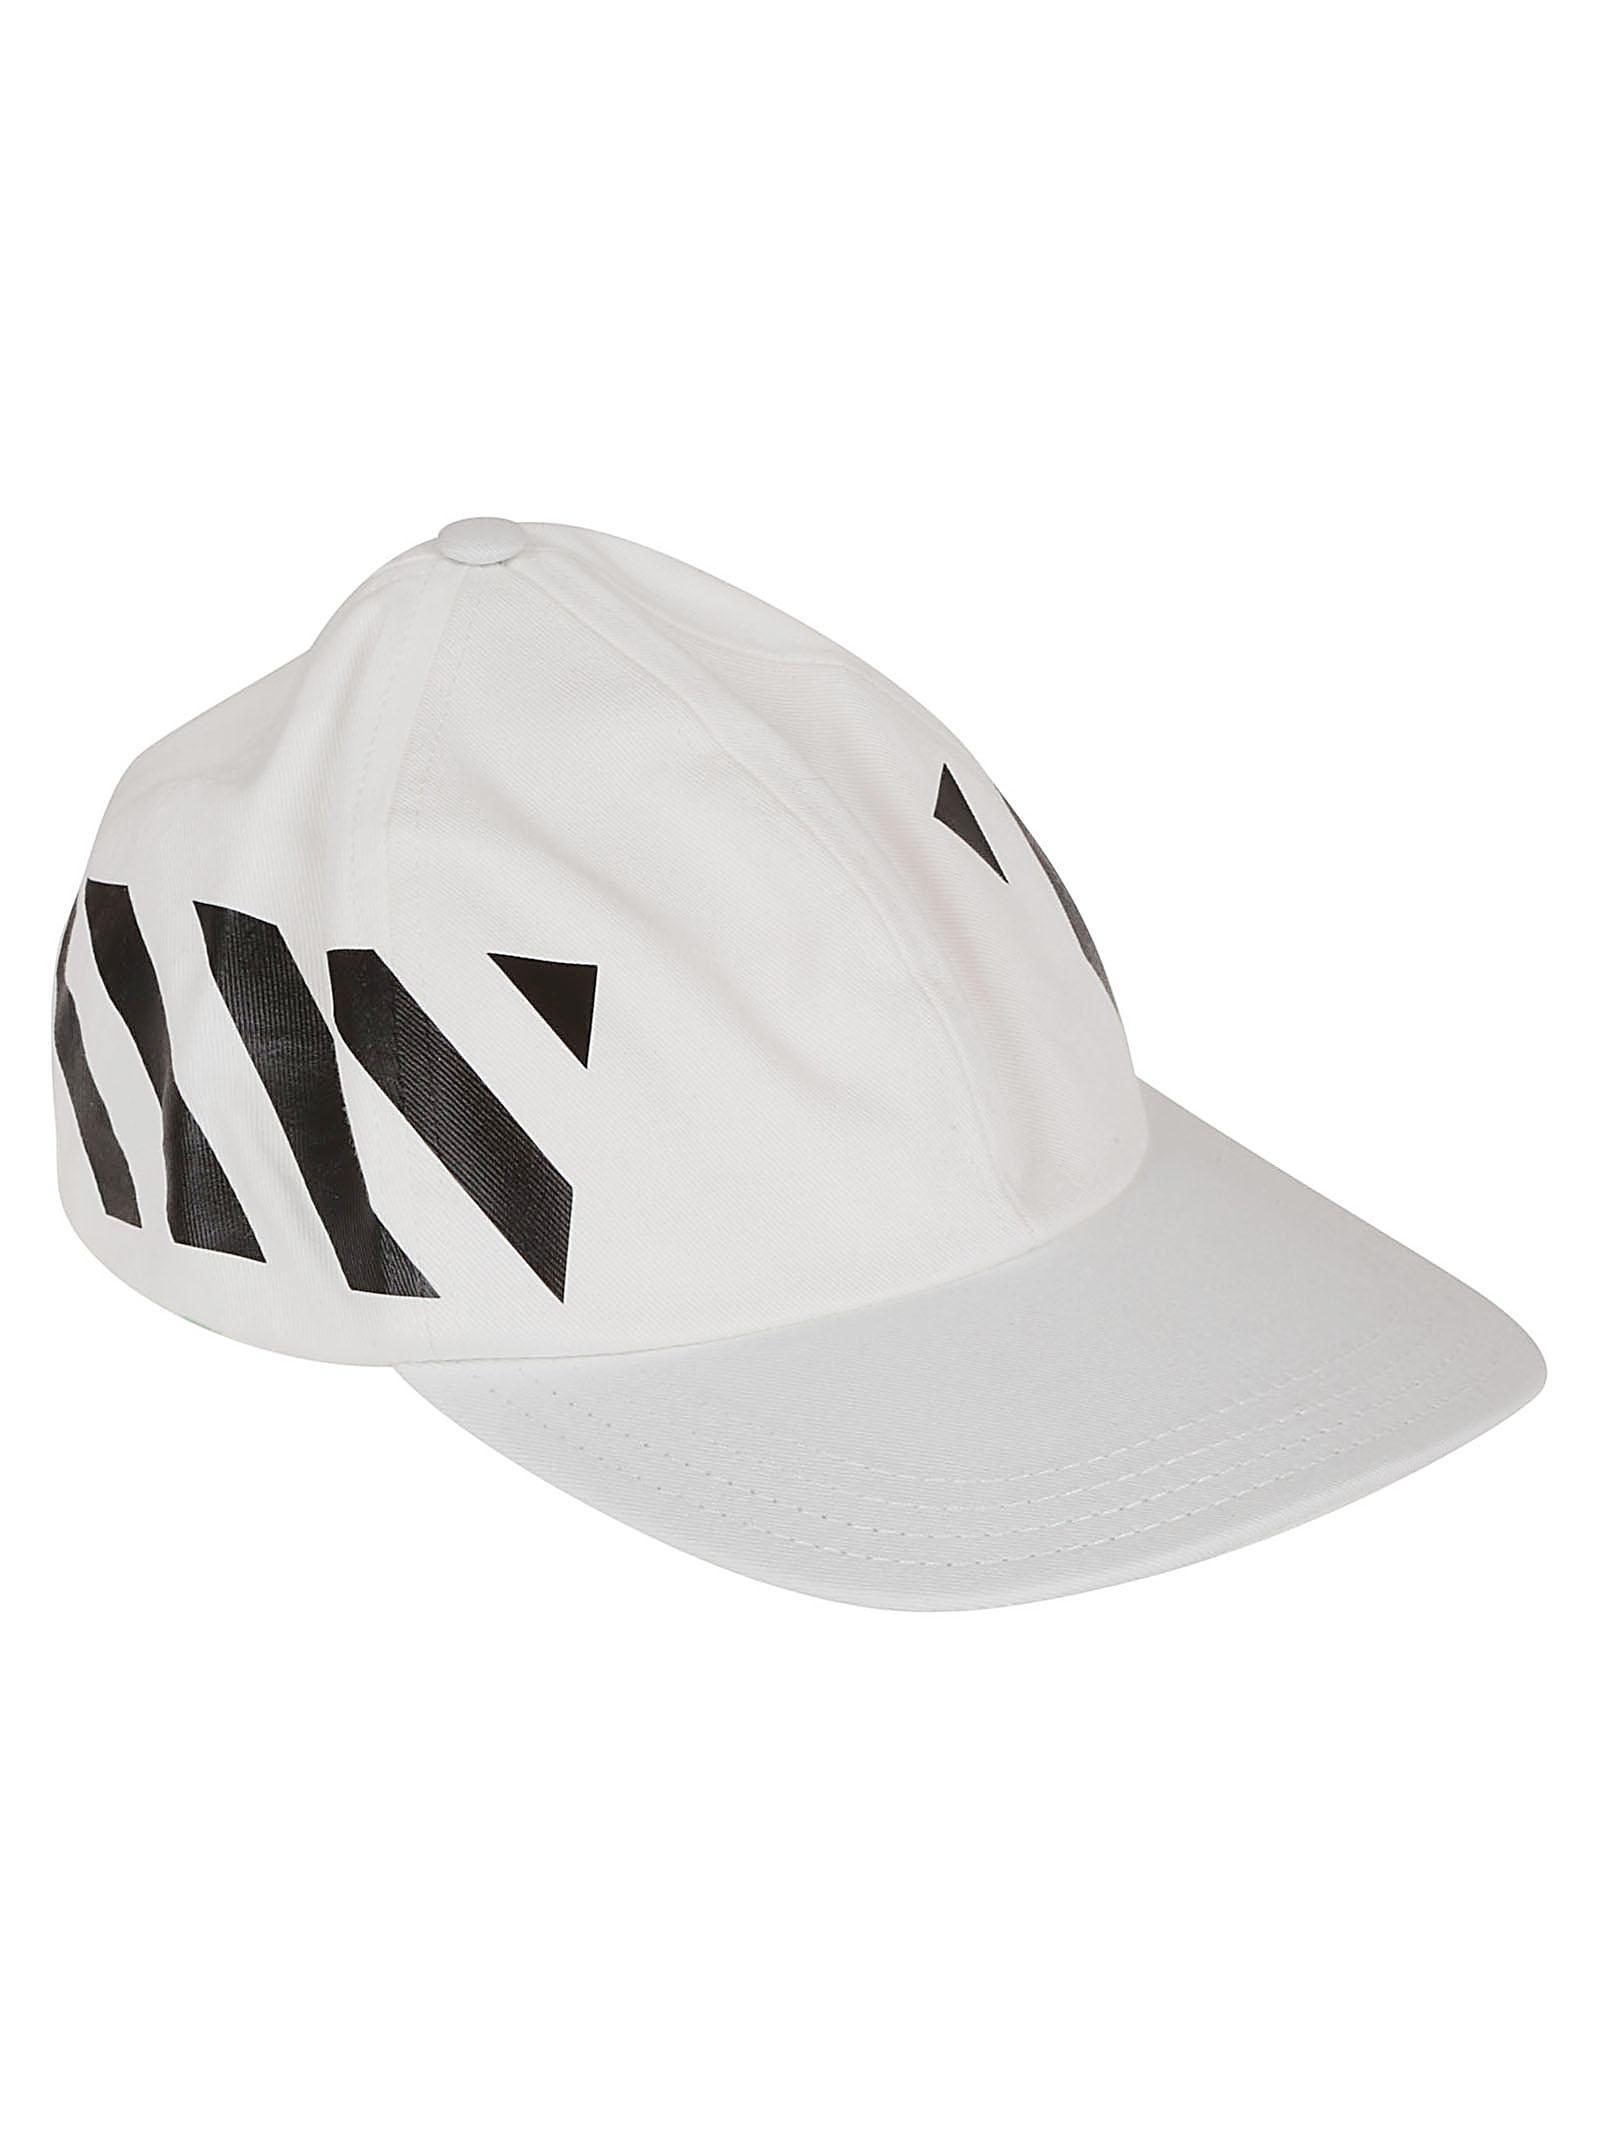 ce808a4d3e1e Lyst - Off-White C O Virgil Abloh Baseball Cap in White for Men